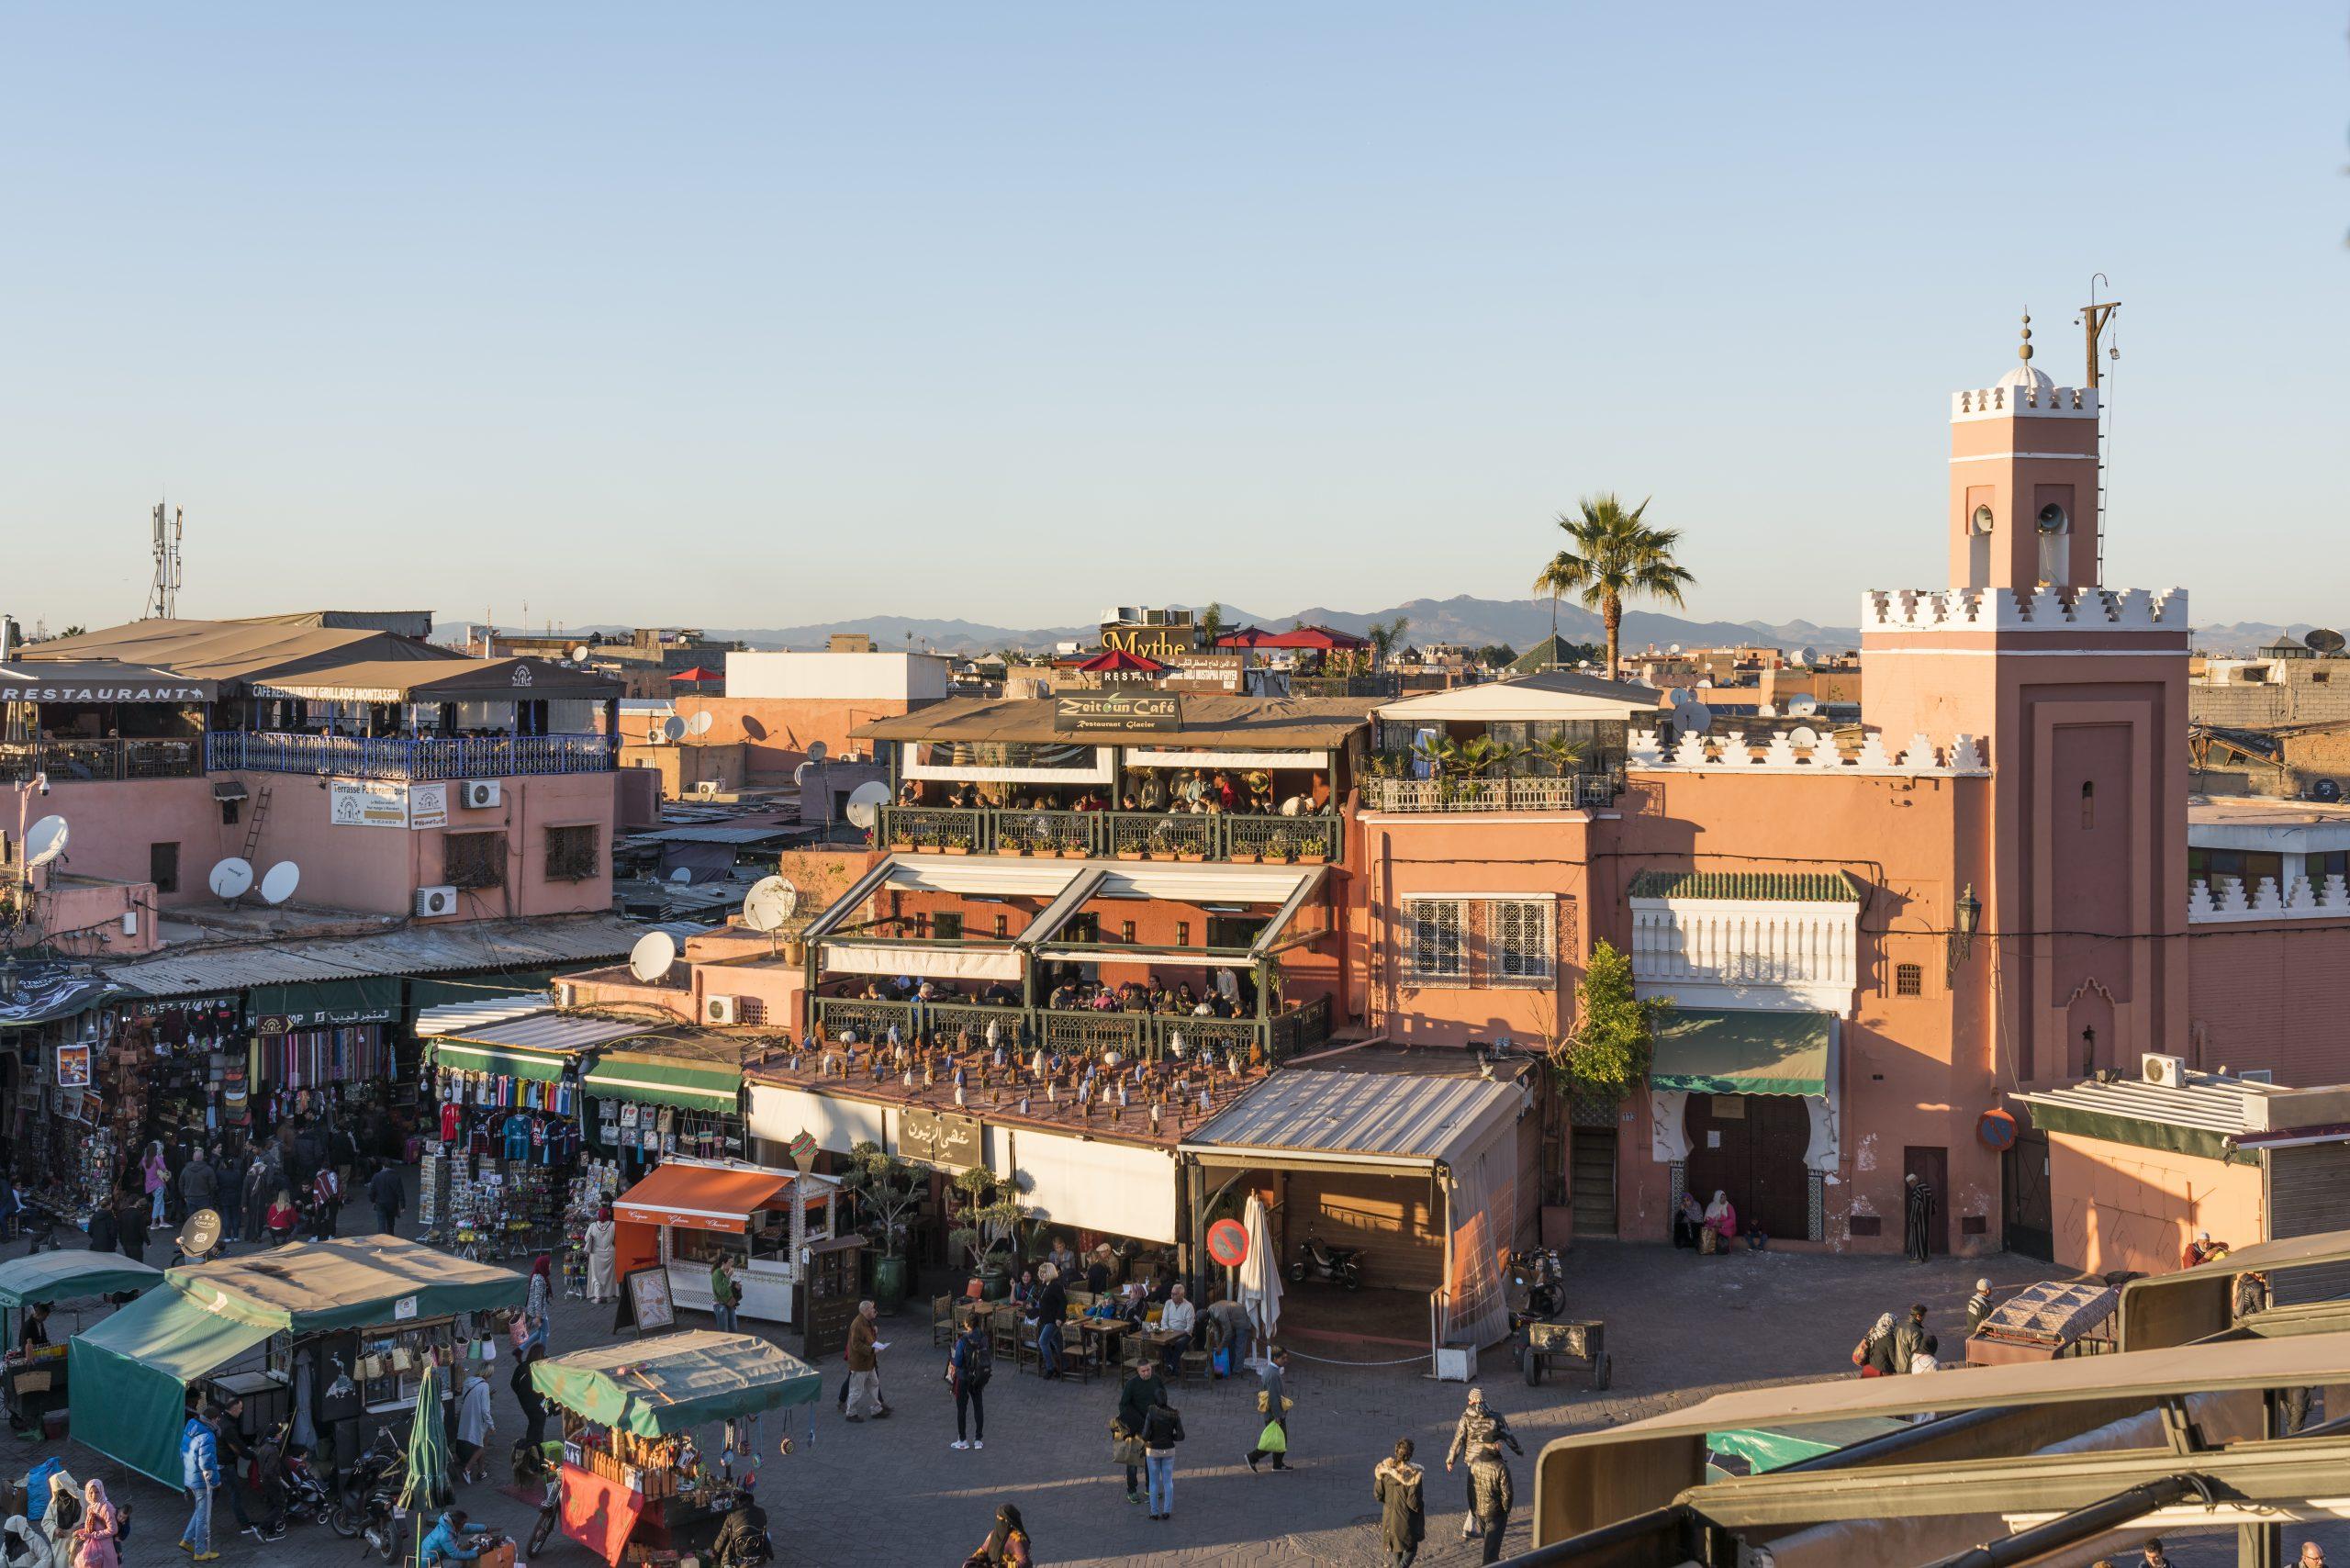 Les 10 incontournables à faire à Marrakech